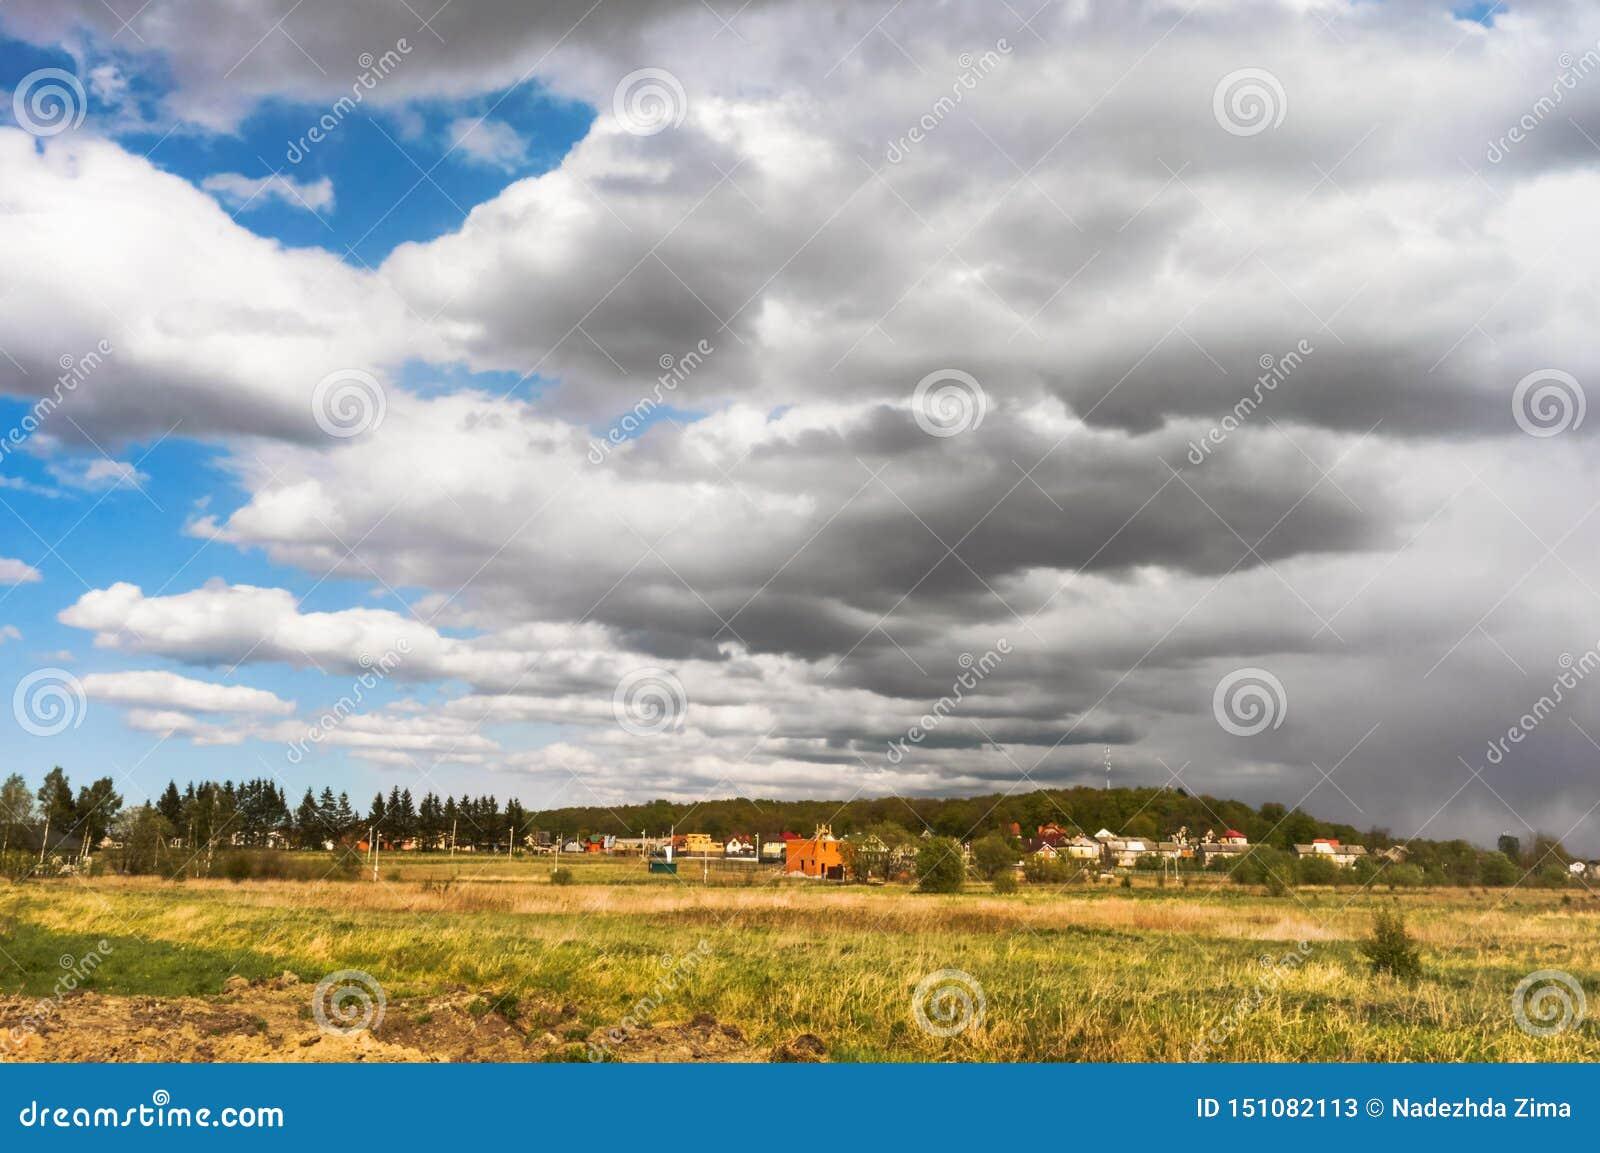 Τα σύννεφα κλείνουν τον ήλιο, σύννεφα θύελλας πέρα από το χωριό